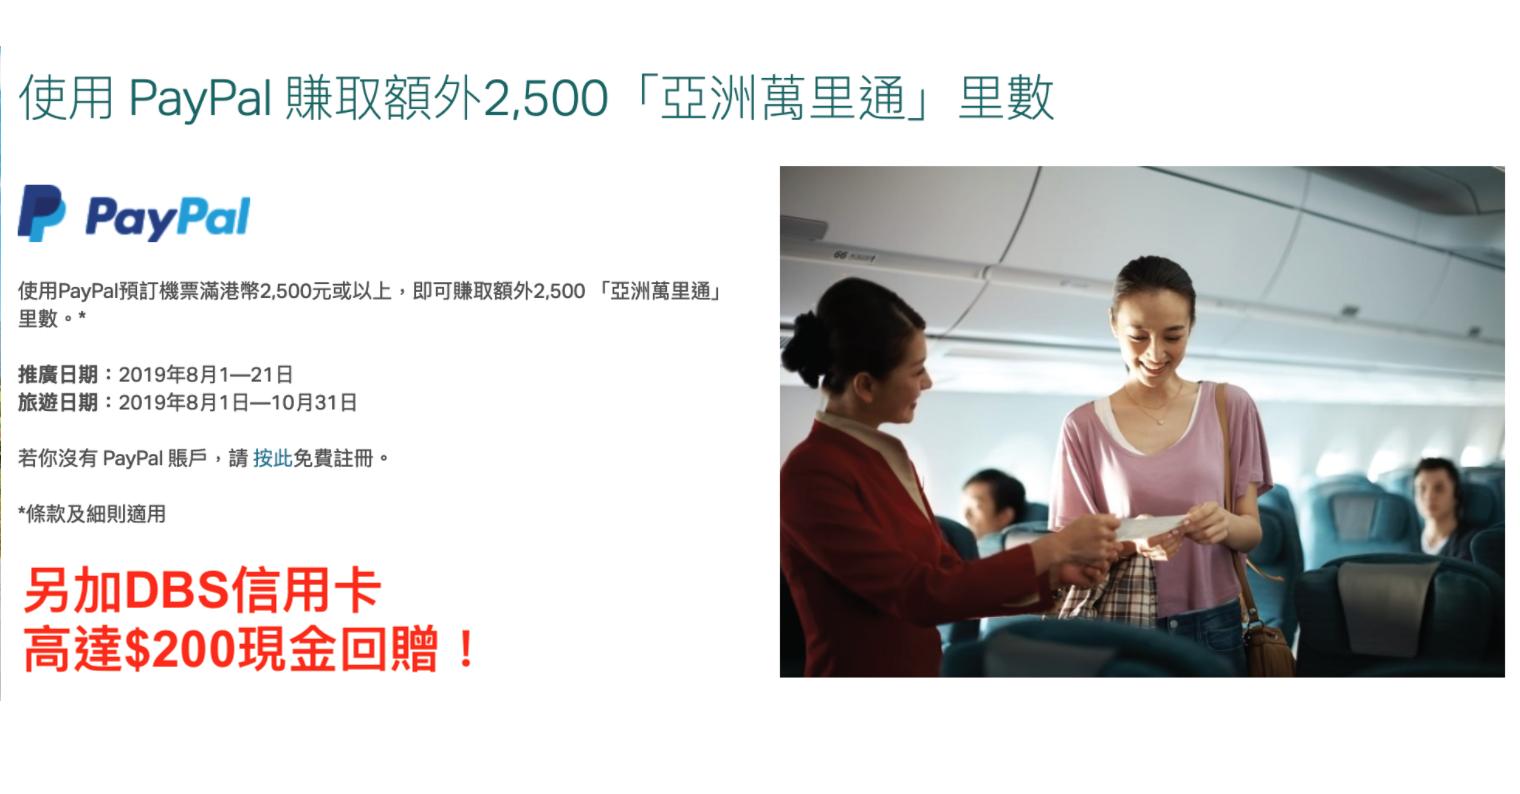 國泰航空官網使用 PayPal 賺取額外2,500「亞洲萬里通」里數!另加DBS信用卡Paypal高達$200現金回贈!